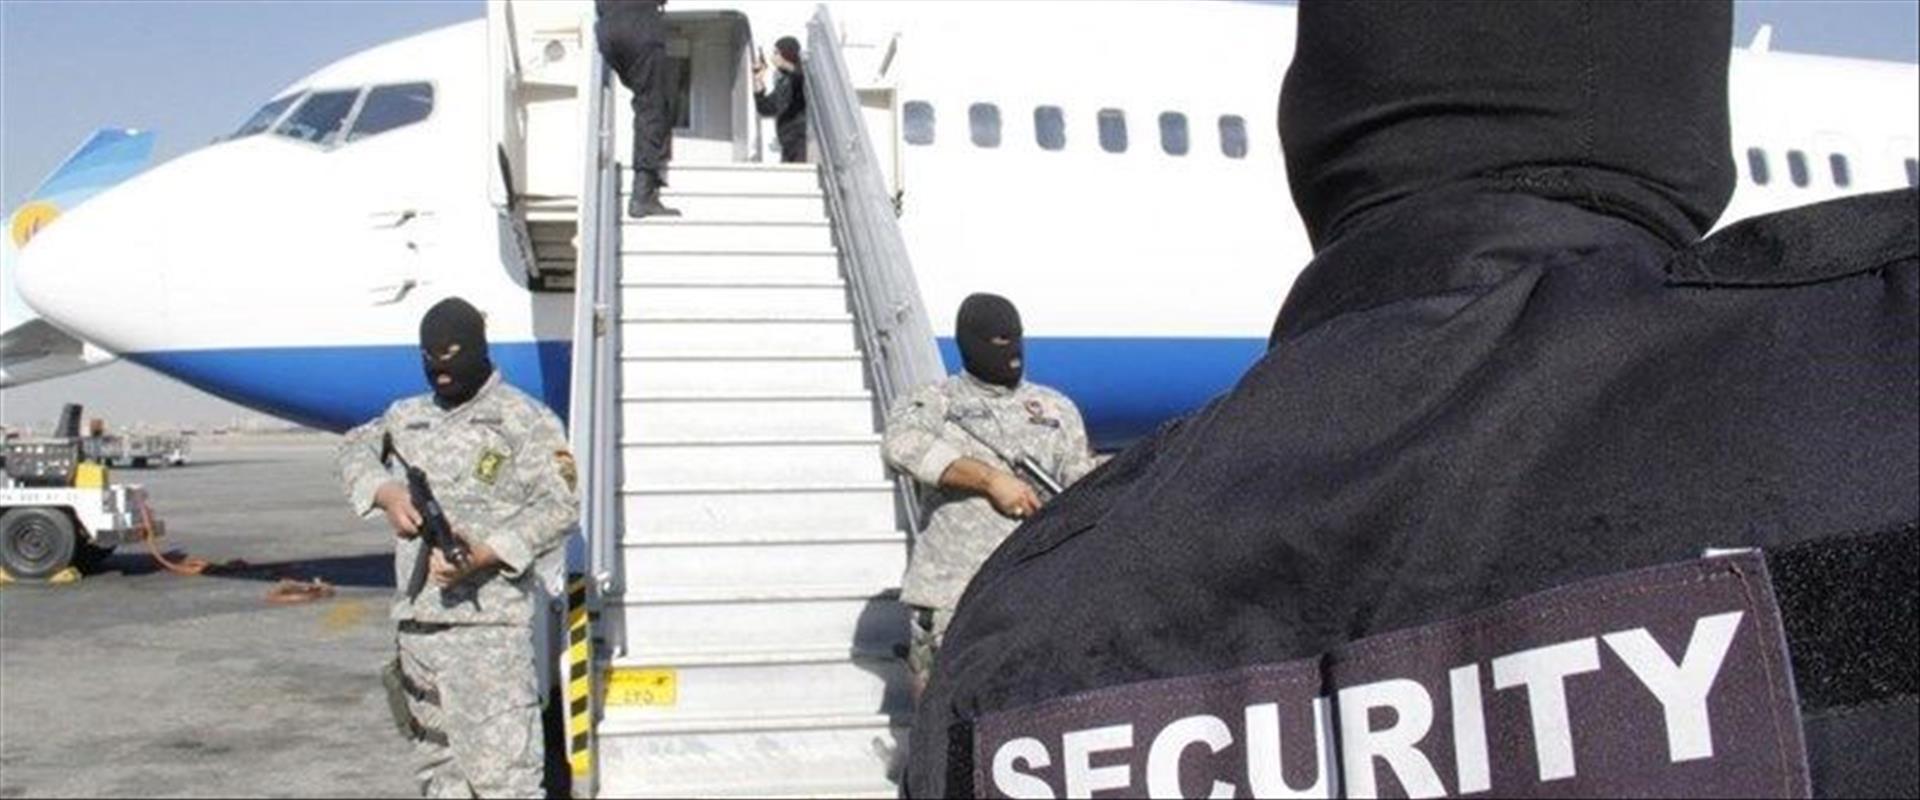 המטוס אותו ניסו לחטוף אחרי שנחת באיספאהאן, היום